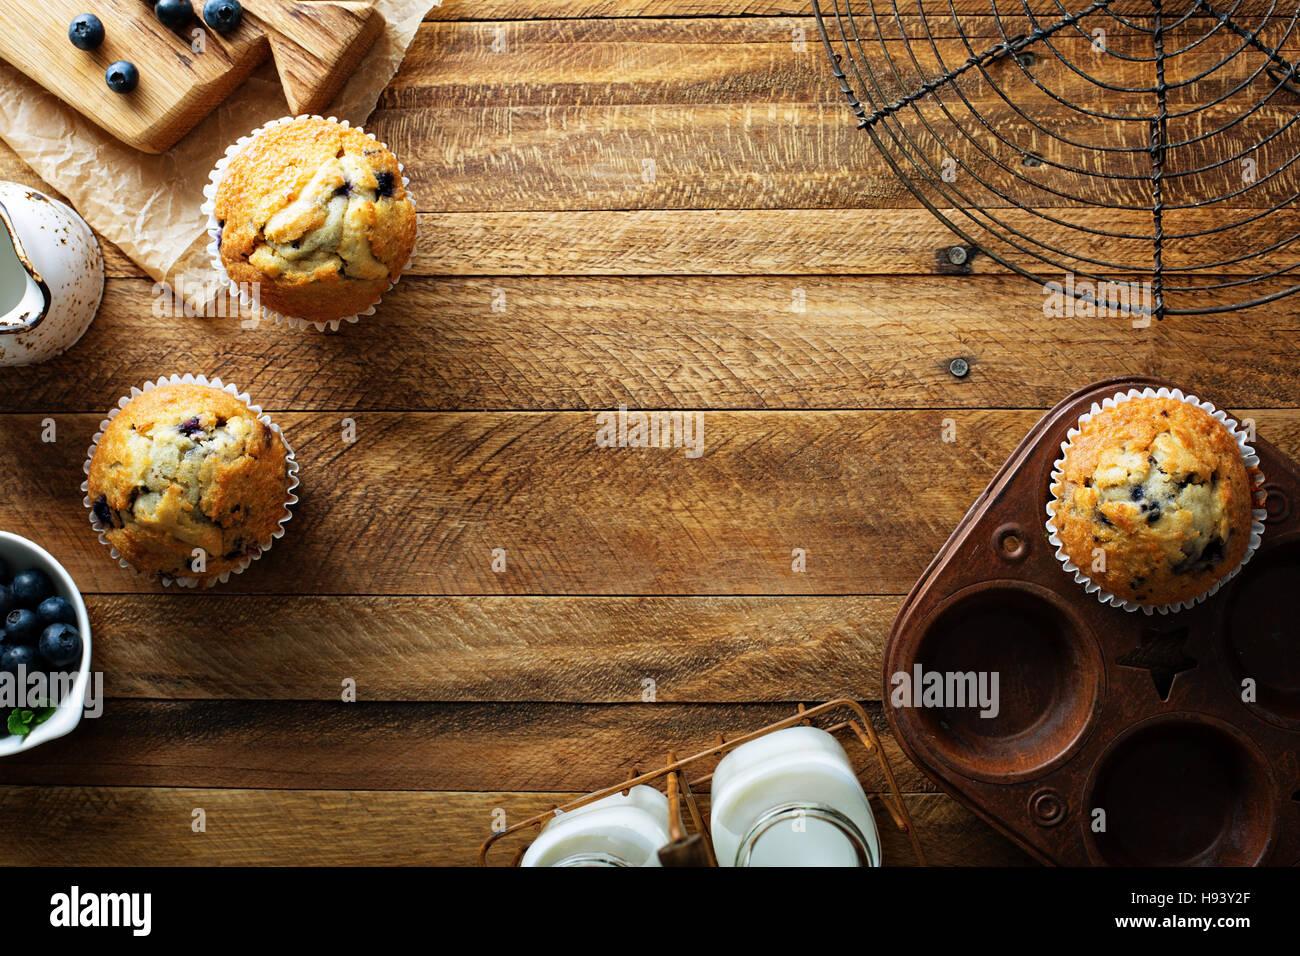 Pane appena sfornato muffin ai mirtilli in un ambiente rustico Foto Stock